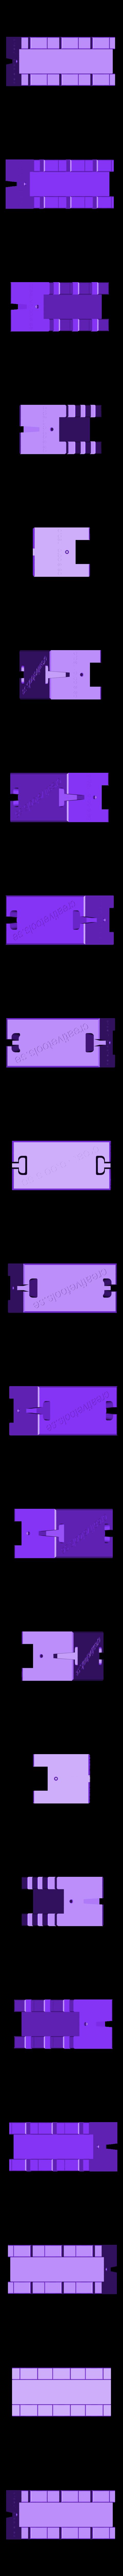 Wall_Large_(Modular Castle Playset - 3D-printable)_By_CreativeTools.se.stl Télécharger fichier STL gratuit Plateau modulaire de château (imprimable en 3D) • Modèle à imprimer en 3D, CreativeTools